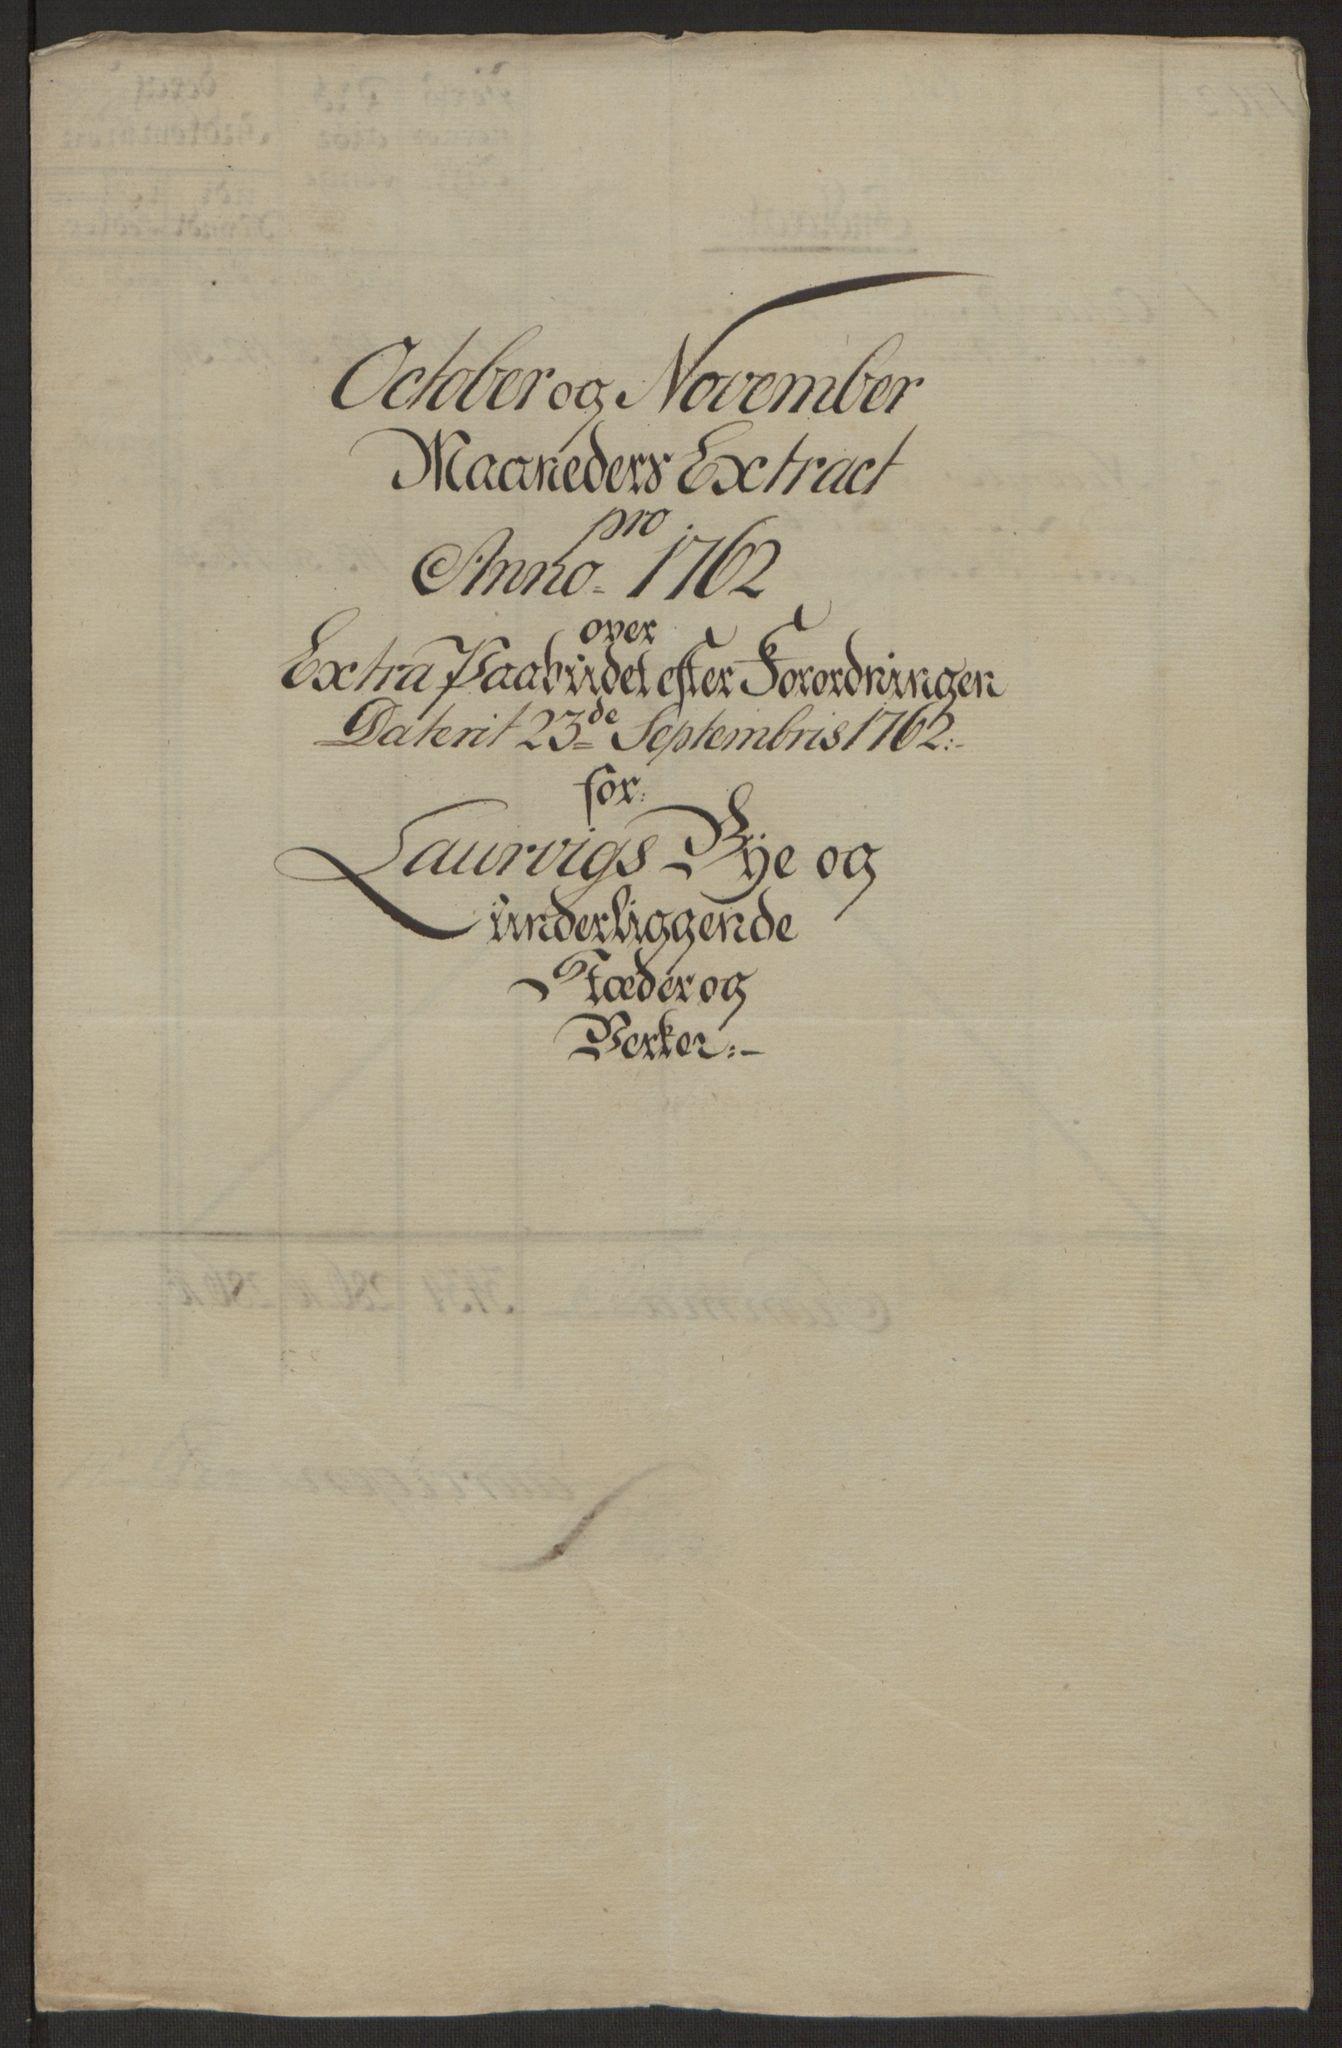 RA, Rentekammeret inntil 1814, Reviderte regnskaper, Byregnskaper, R/Ri/L0183: [I4] Kontribusjonsregnskap, 1762-1768, s. 69